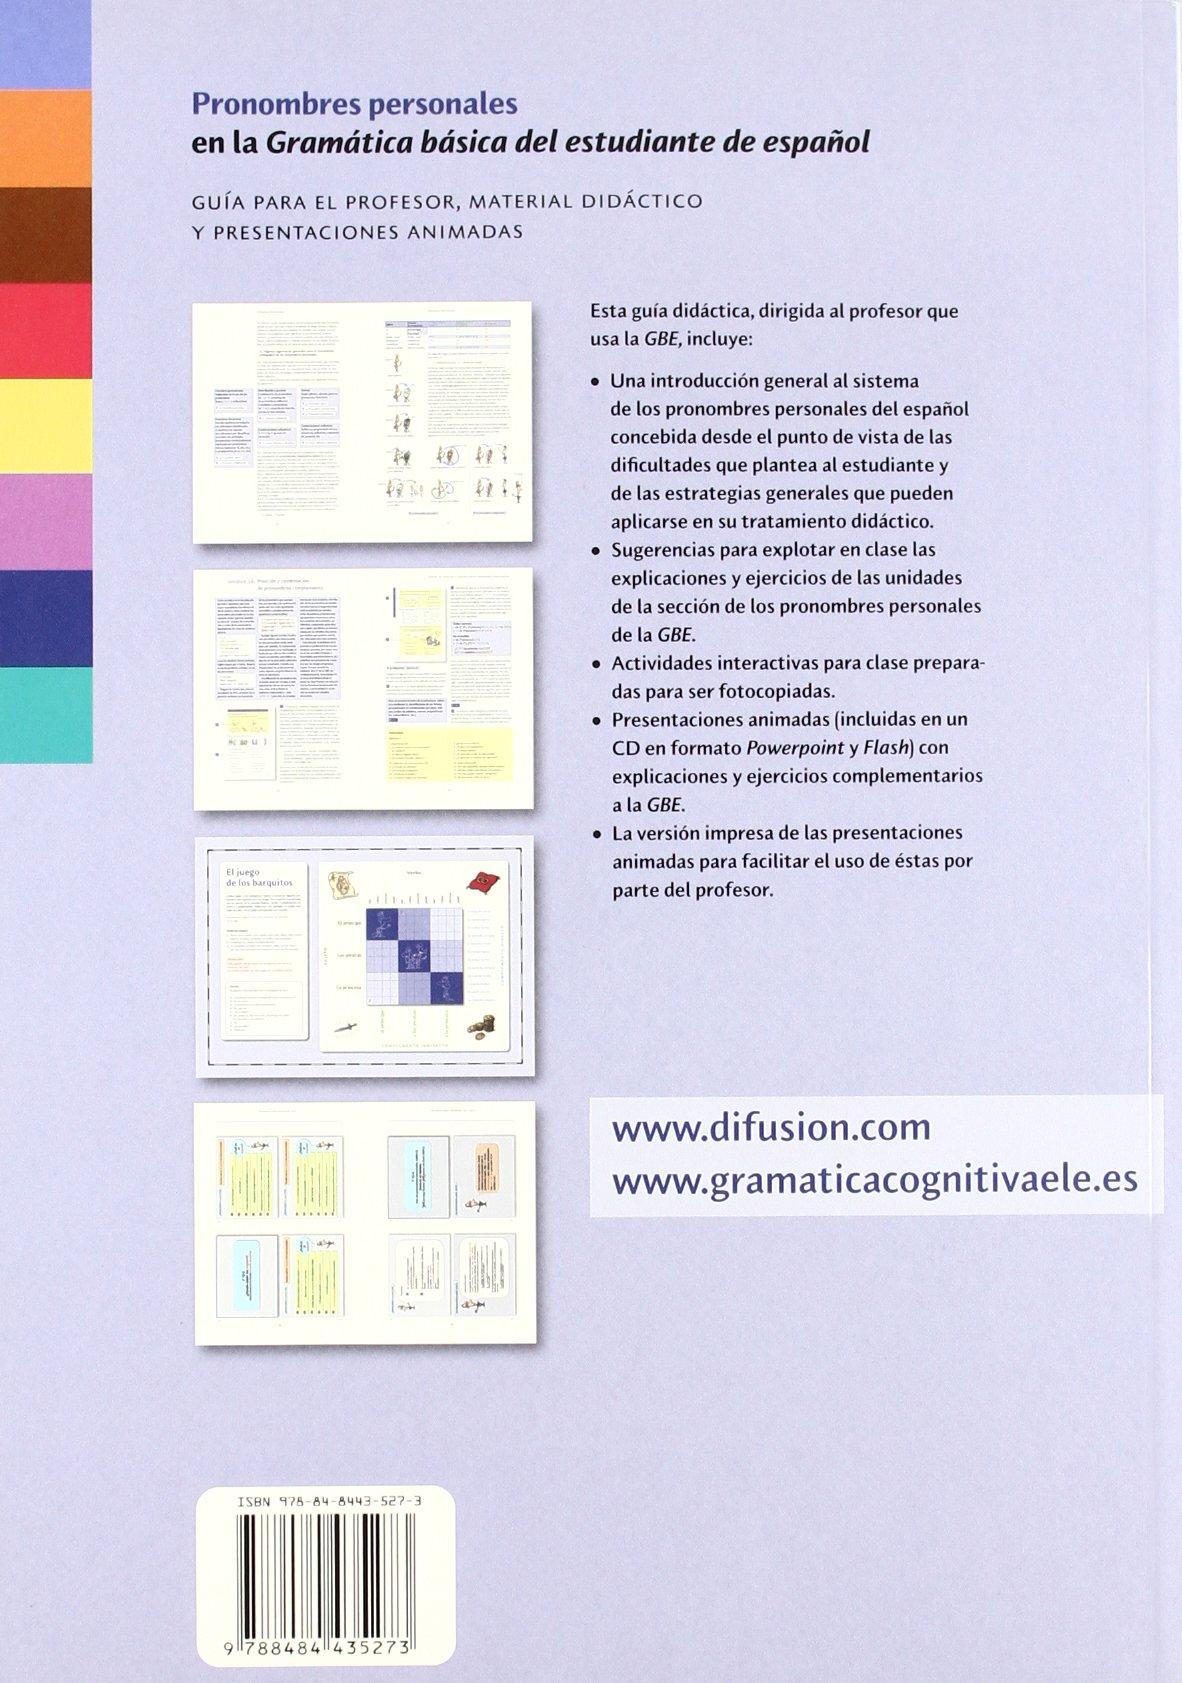 Pronombres personales : Guía para el profesor, material didáctico y presentaciones animadas: Aa Vv: 9788484435273: Amazon.com: Books